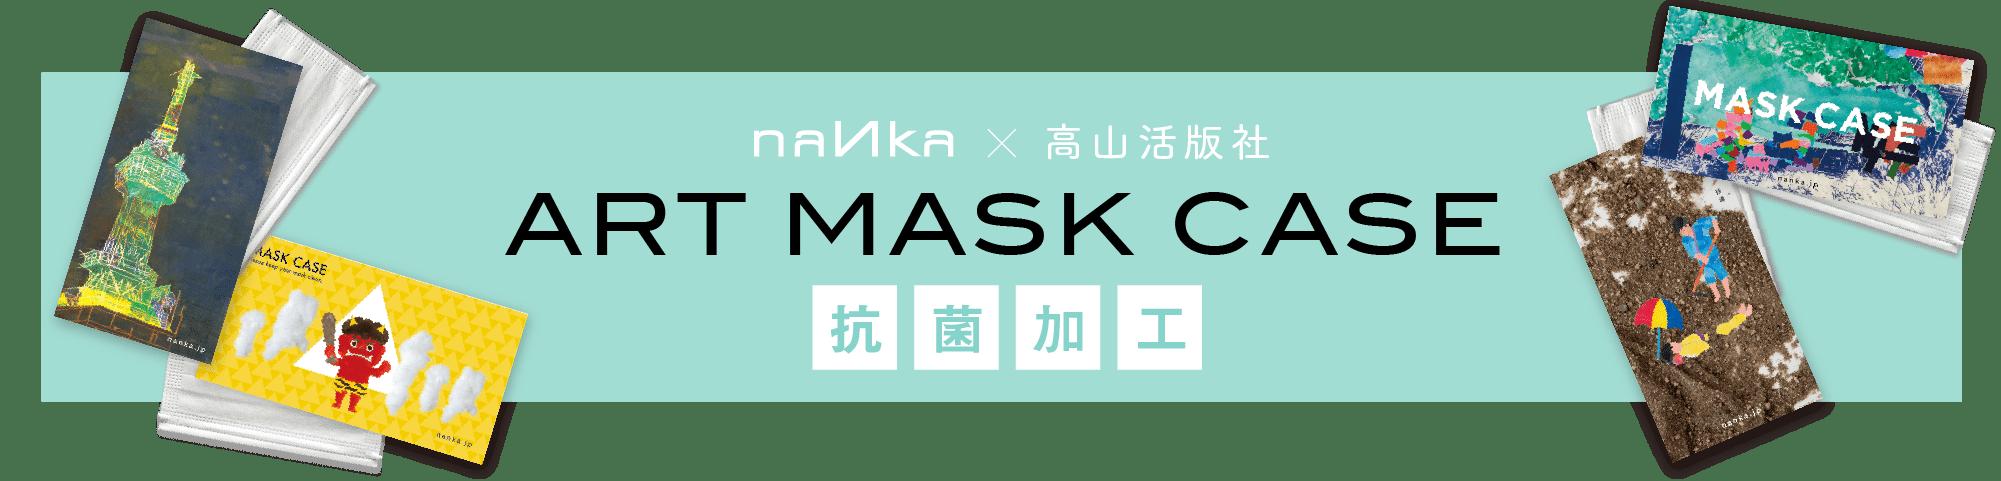 アートマスクケースプロジェクト